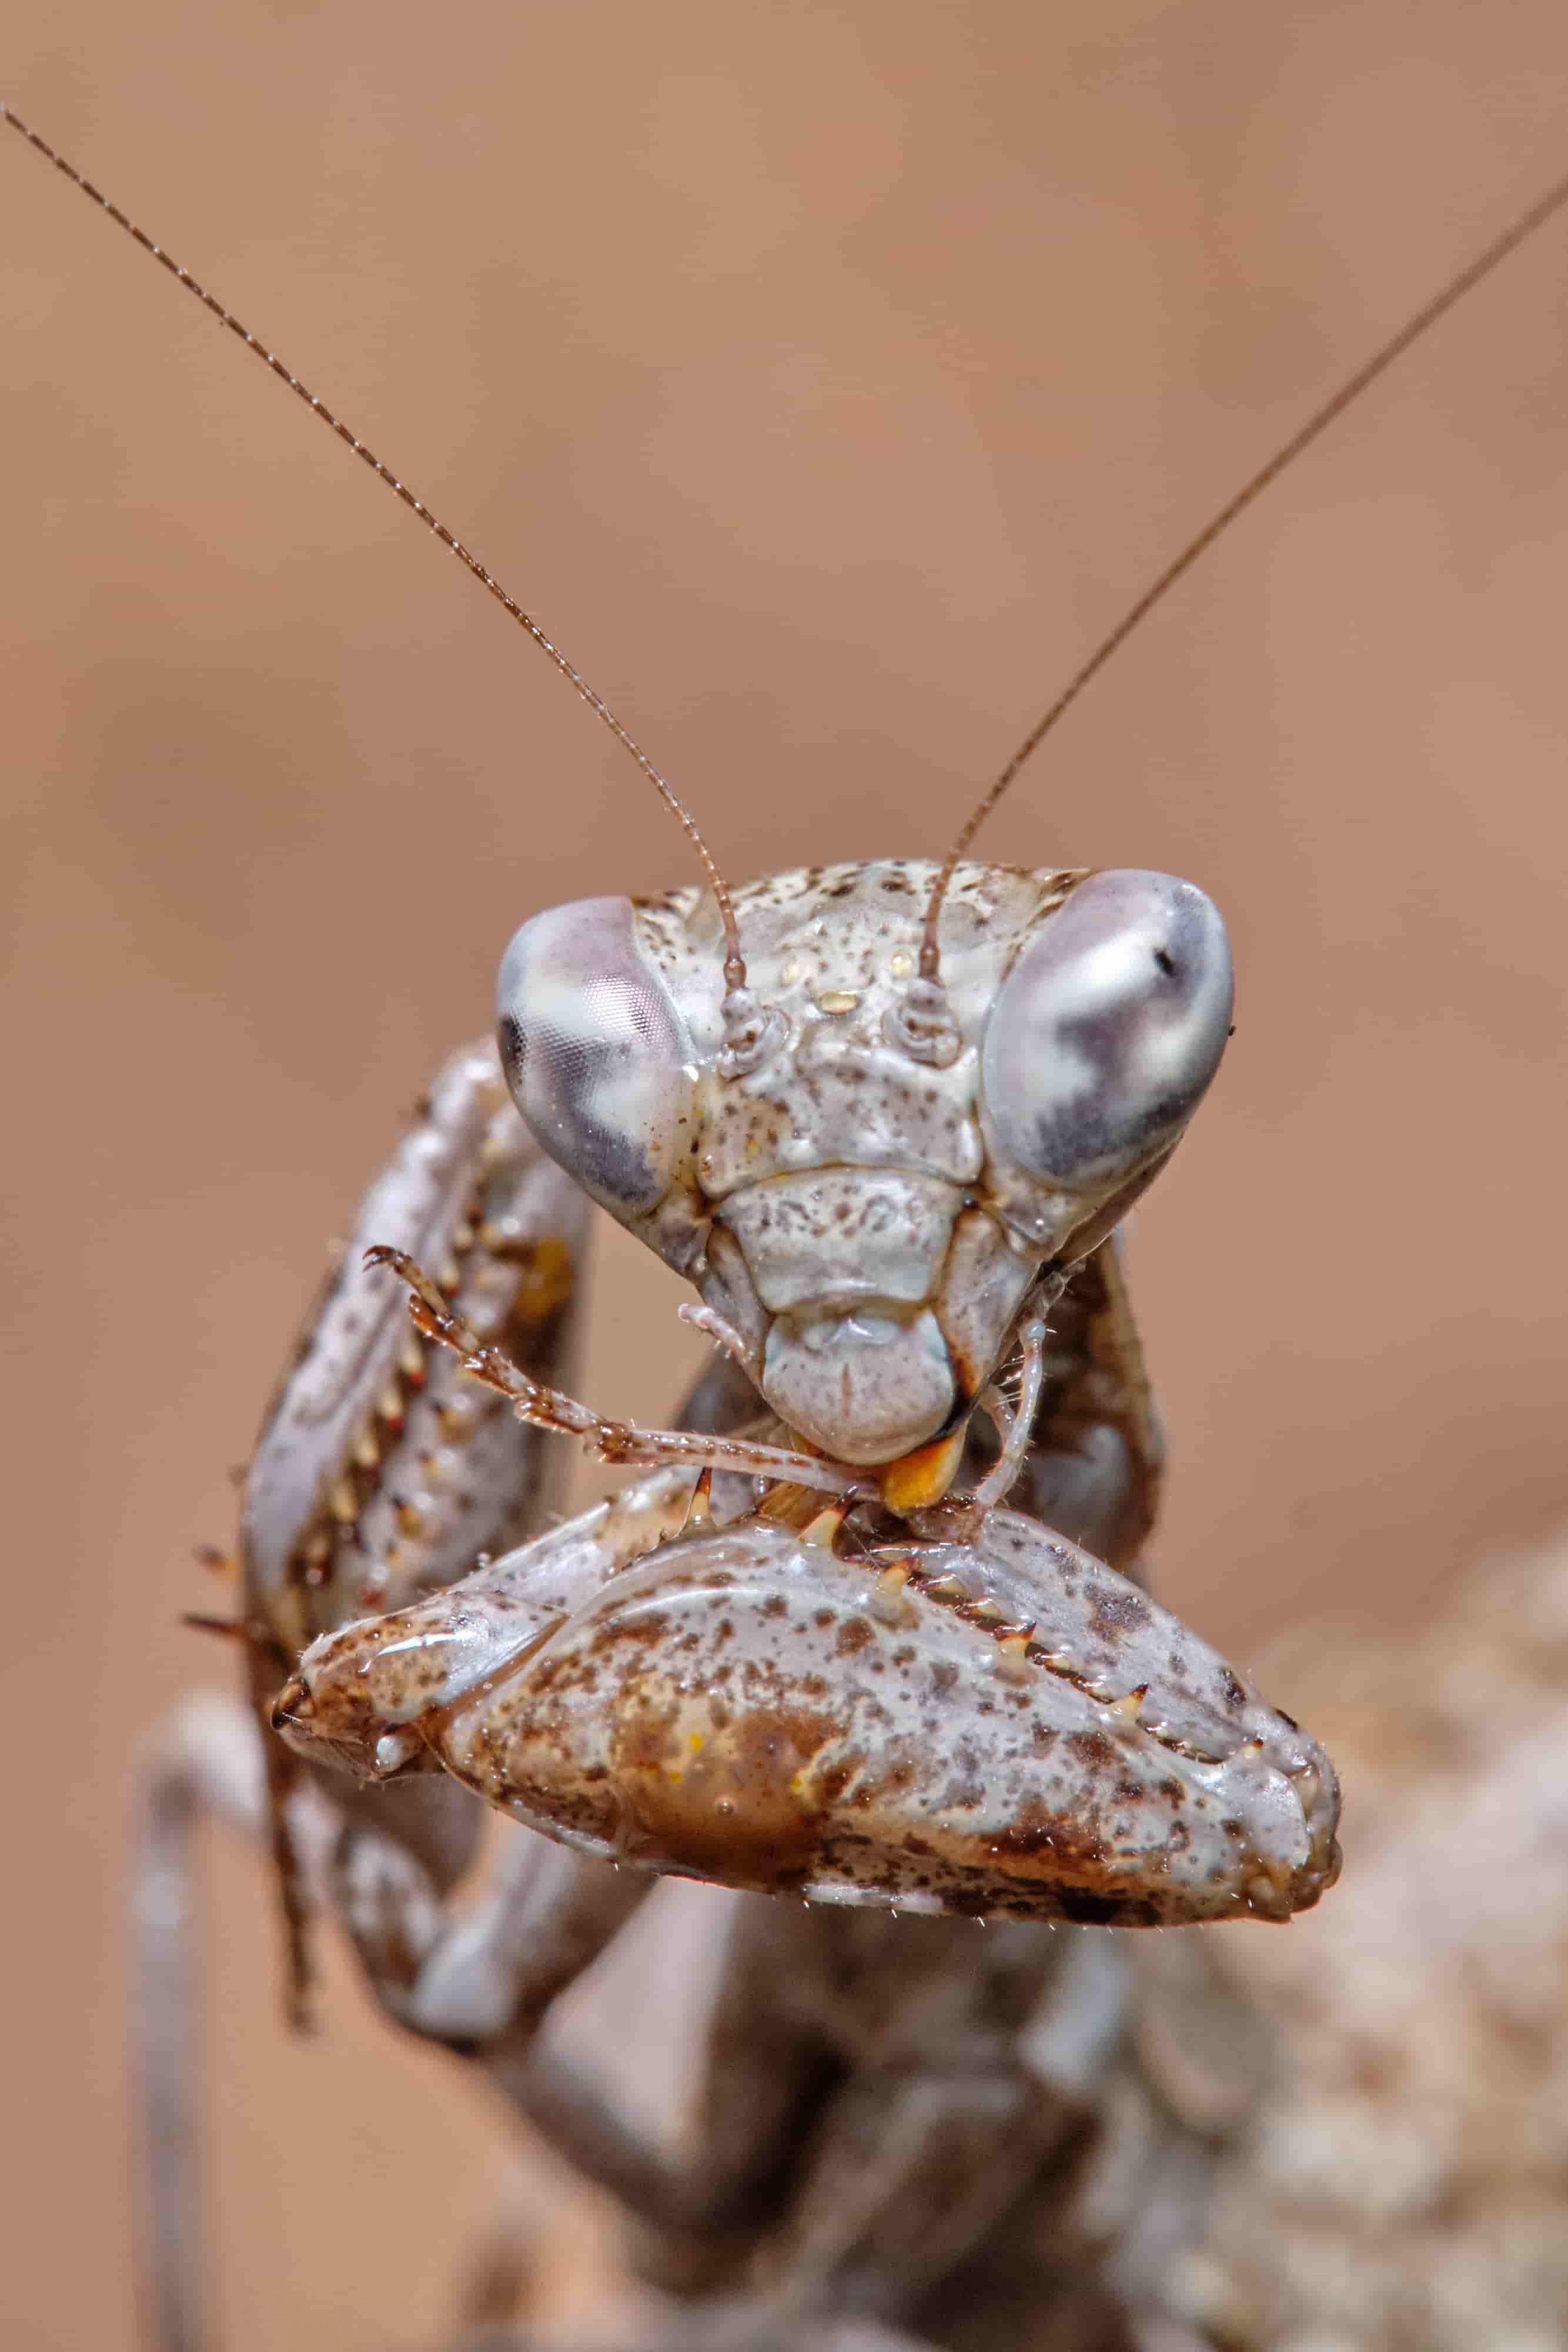 Mantis europea Ameles spallanzania limpiandose parte de la tibia y tarso. Ojos picudos.